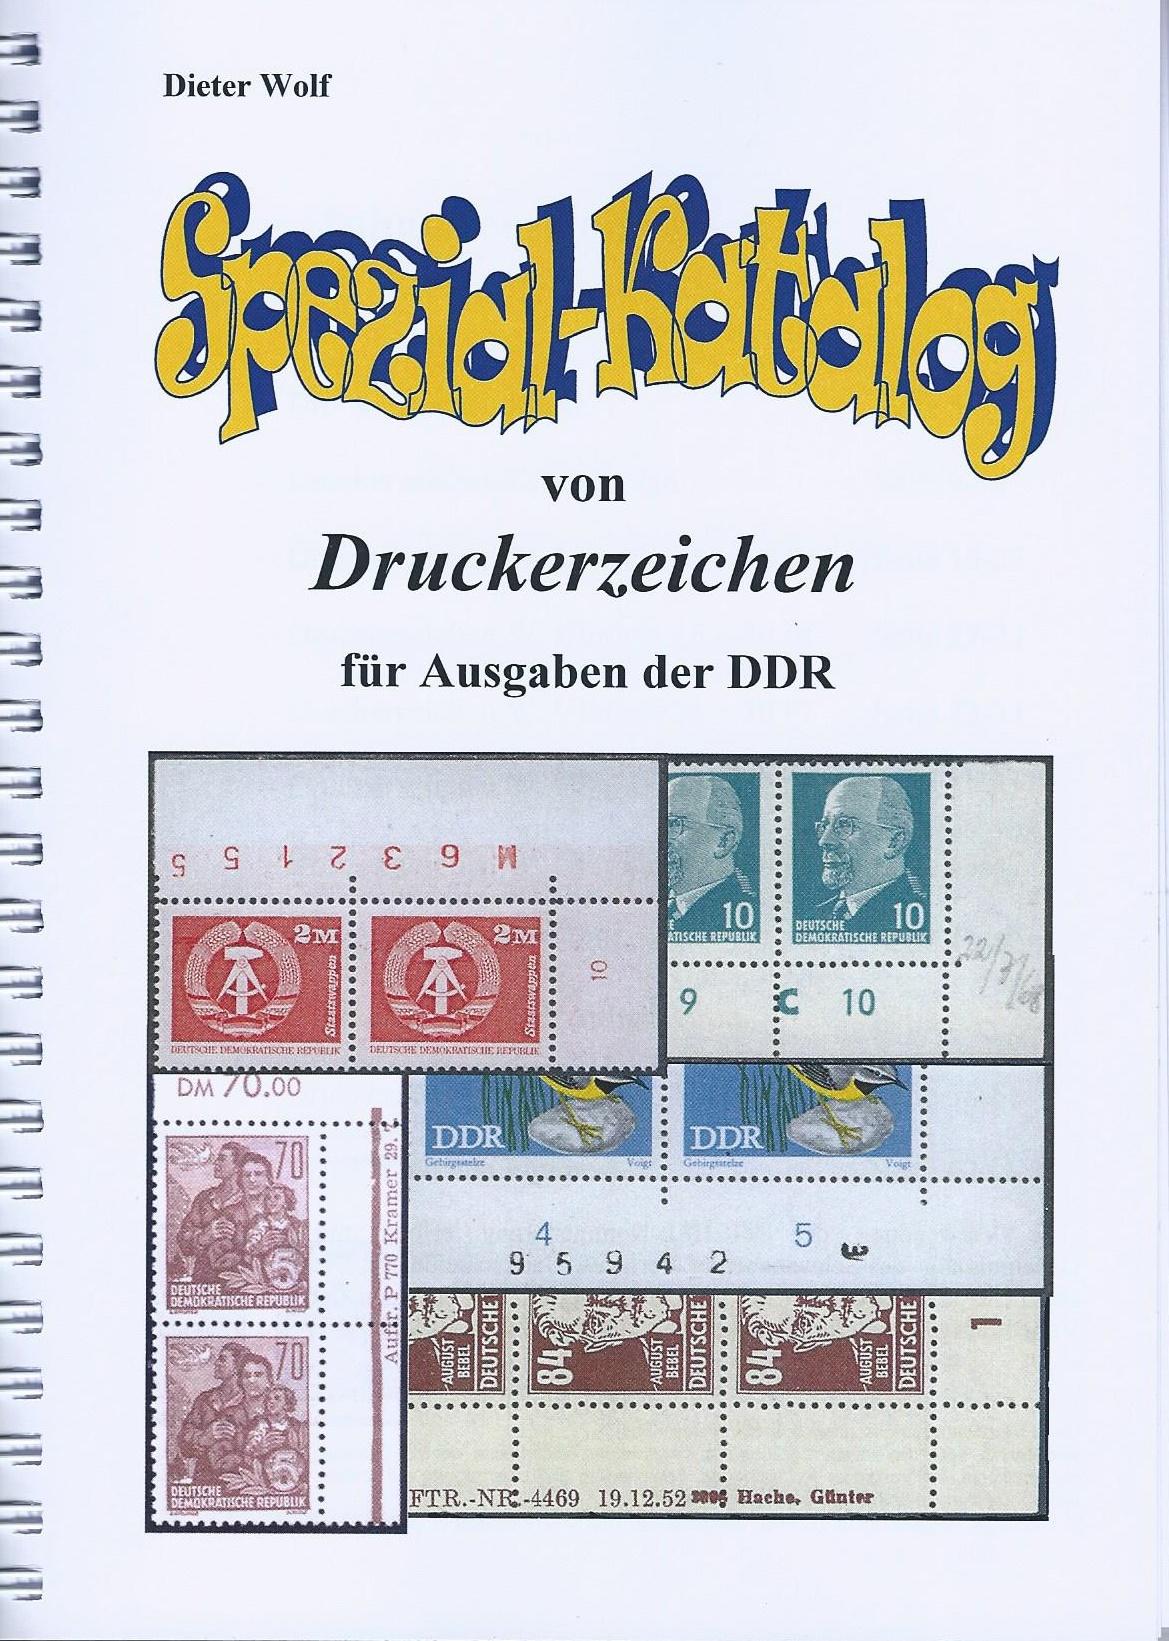 DDR Briefmarken Druckerzeichen Druckvermerke DZ DV